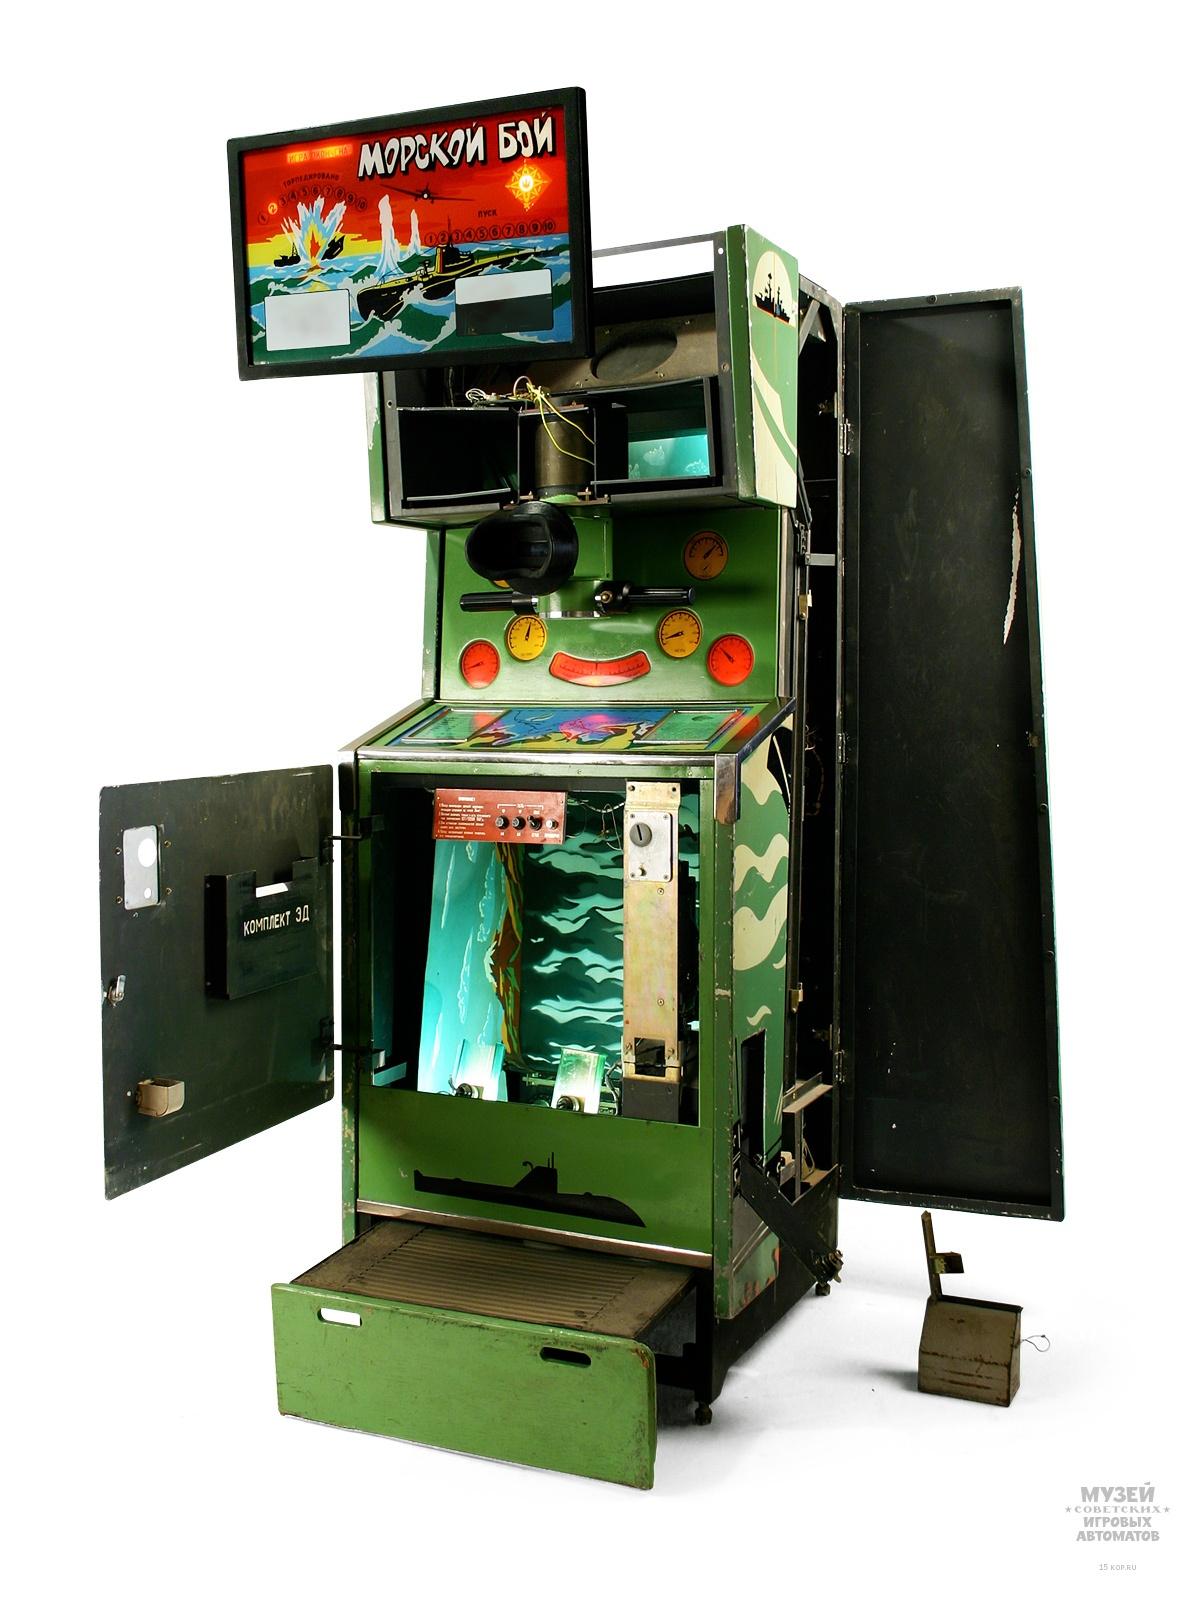 Игровые автоматы: откуда они взялись в СССР и как устроены - 3